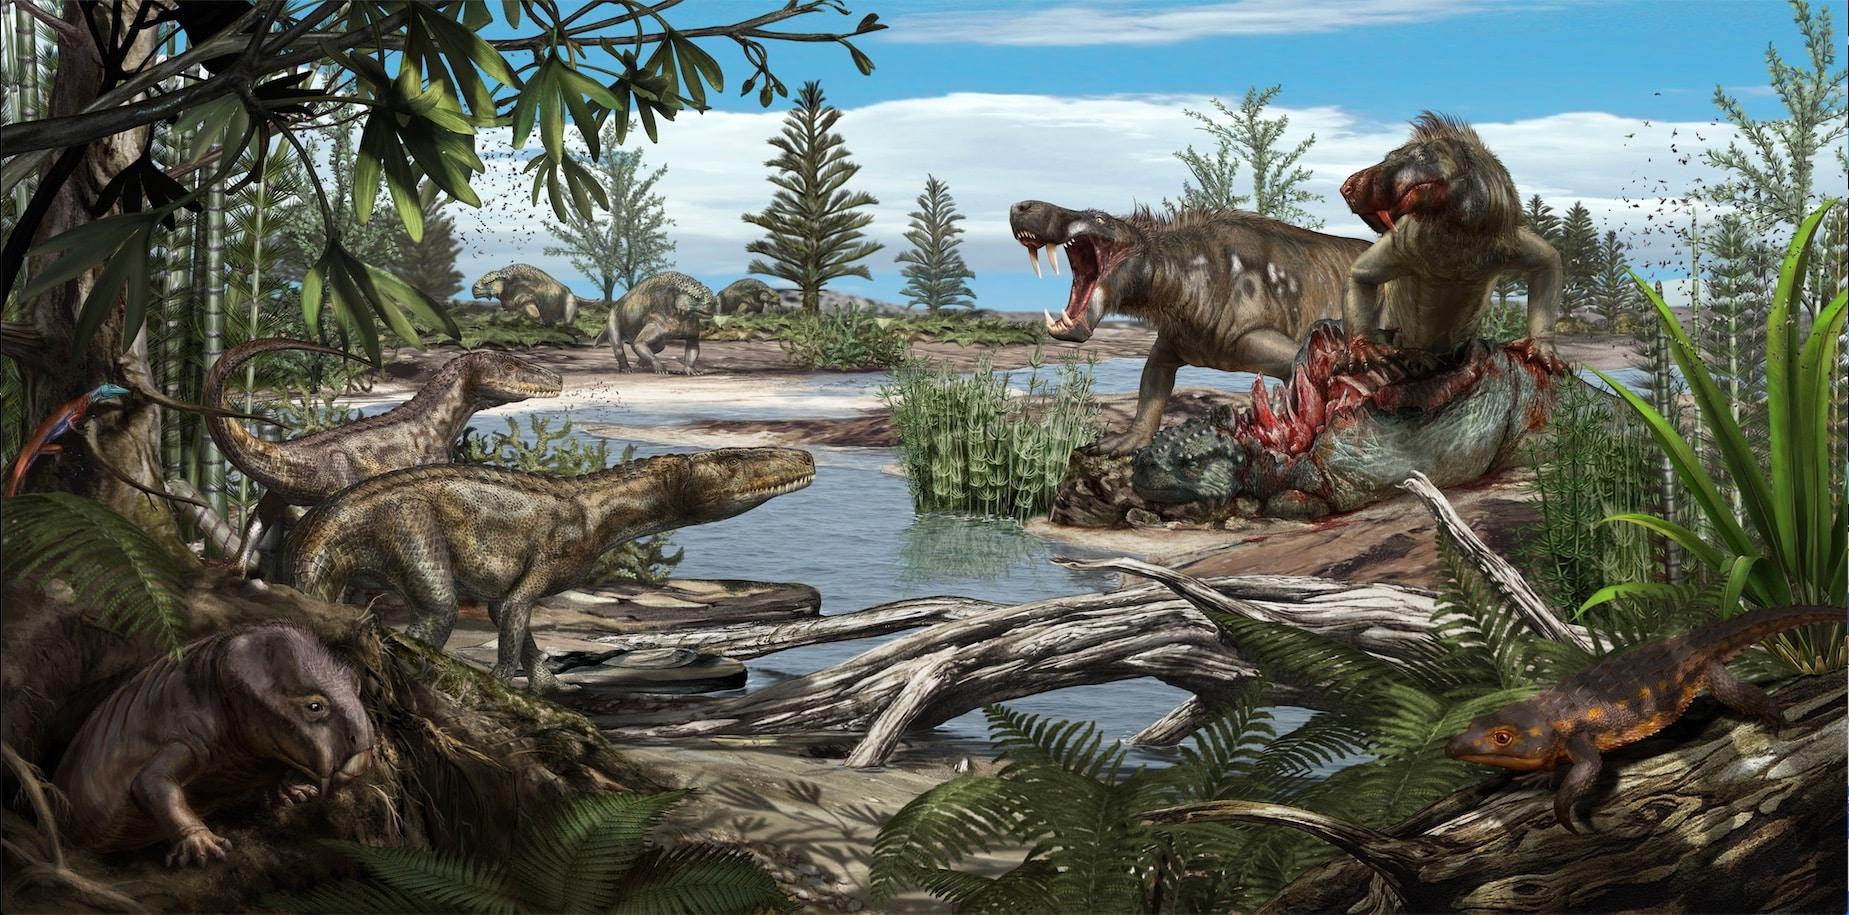 Risultati immagini per Una ricostruzione del Bletterbach 260 milioni di anni fa